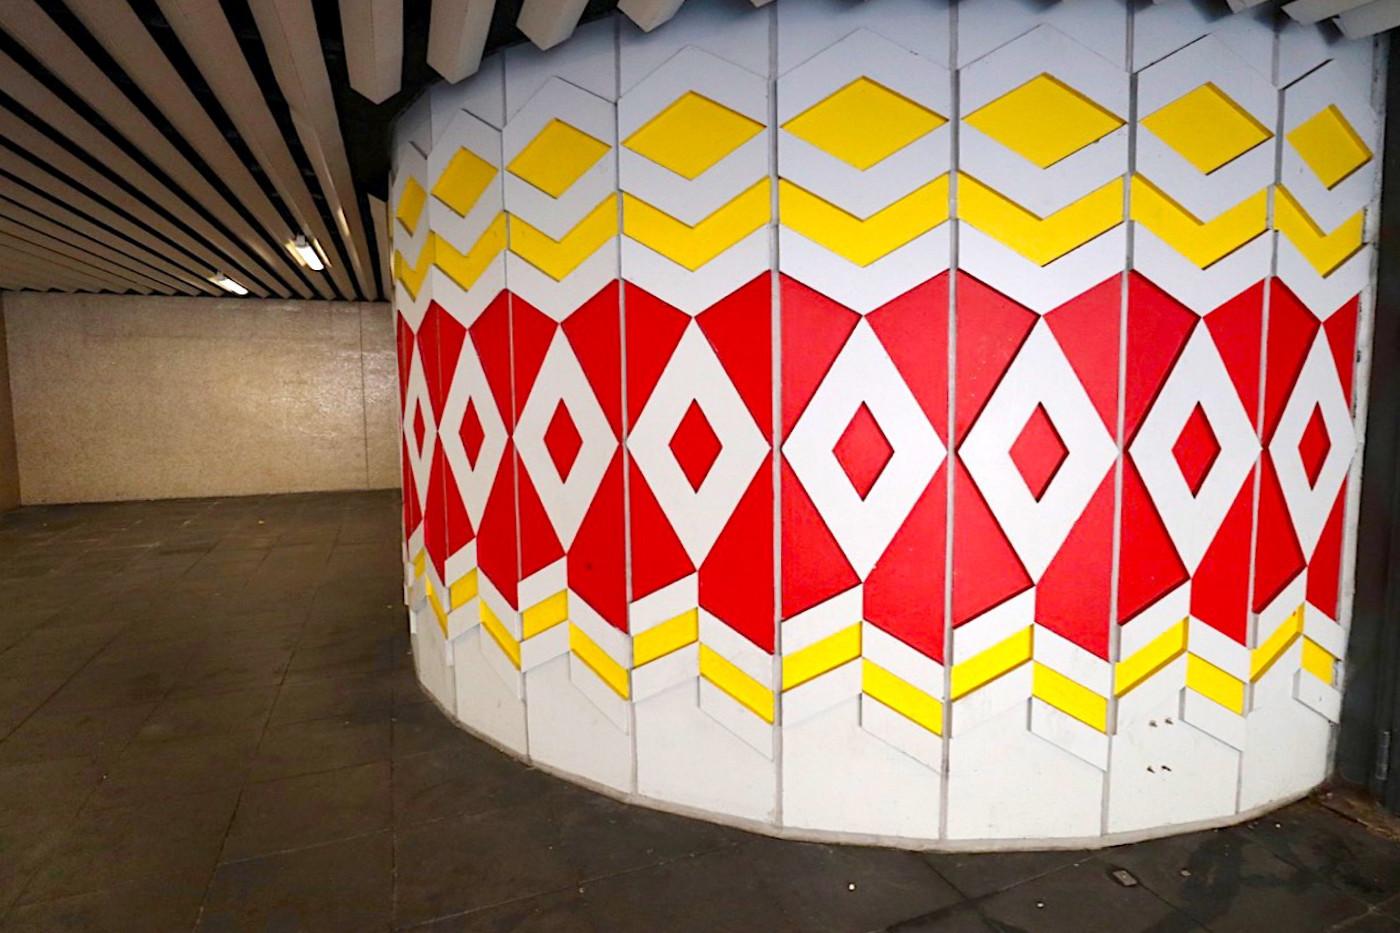 Charlottenplatz. Die Haltestelle der Stadtbahn war die erste unterirdische Haltestelle der Stadt und wurde 1968 fertiggestellt.